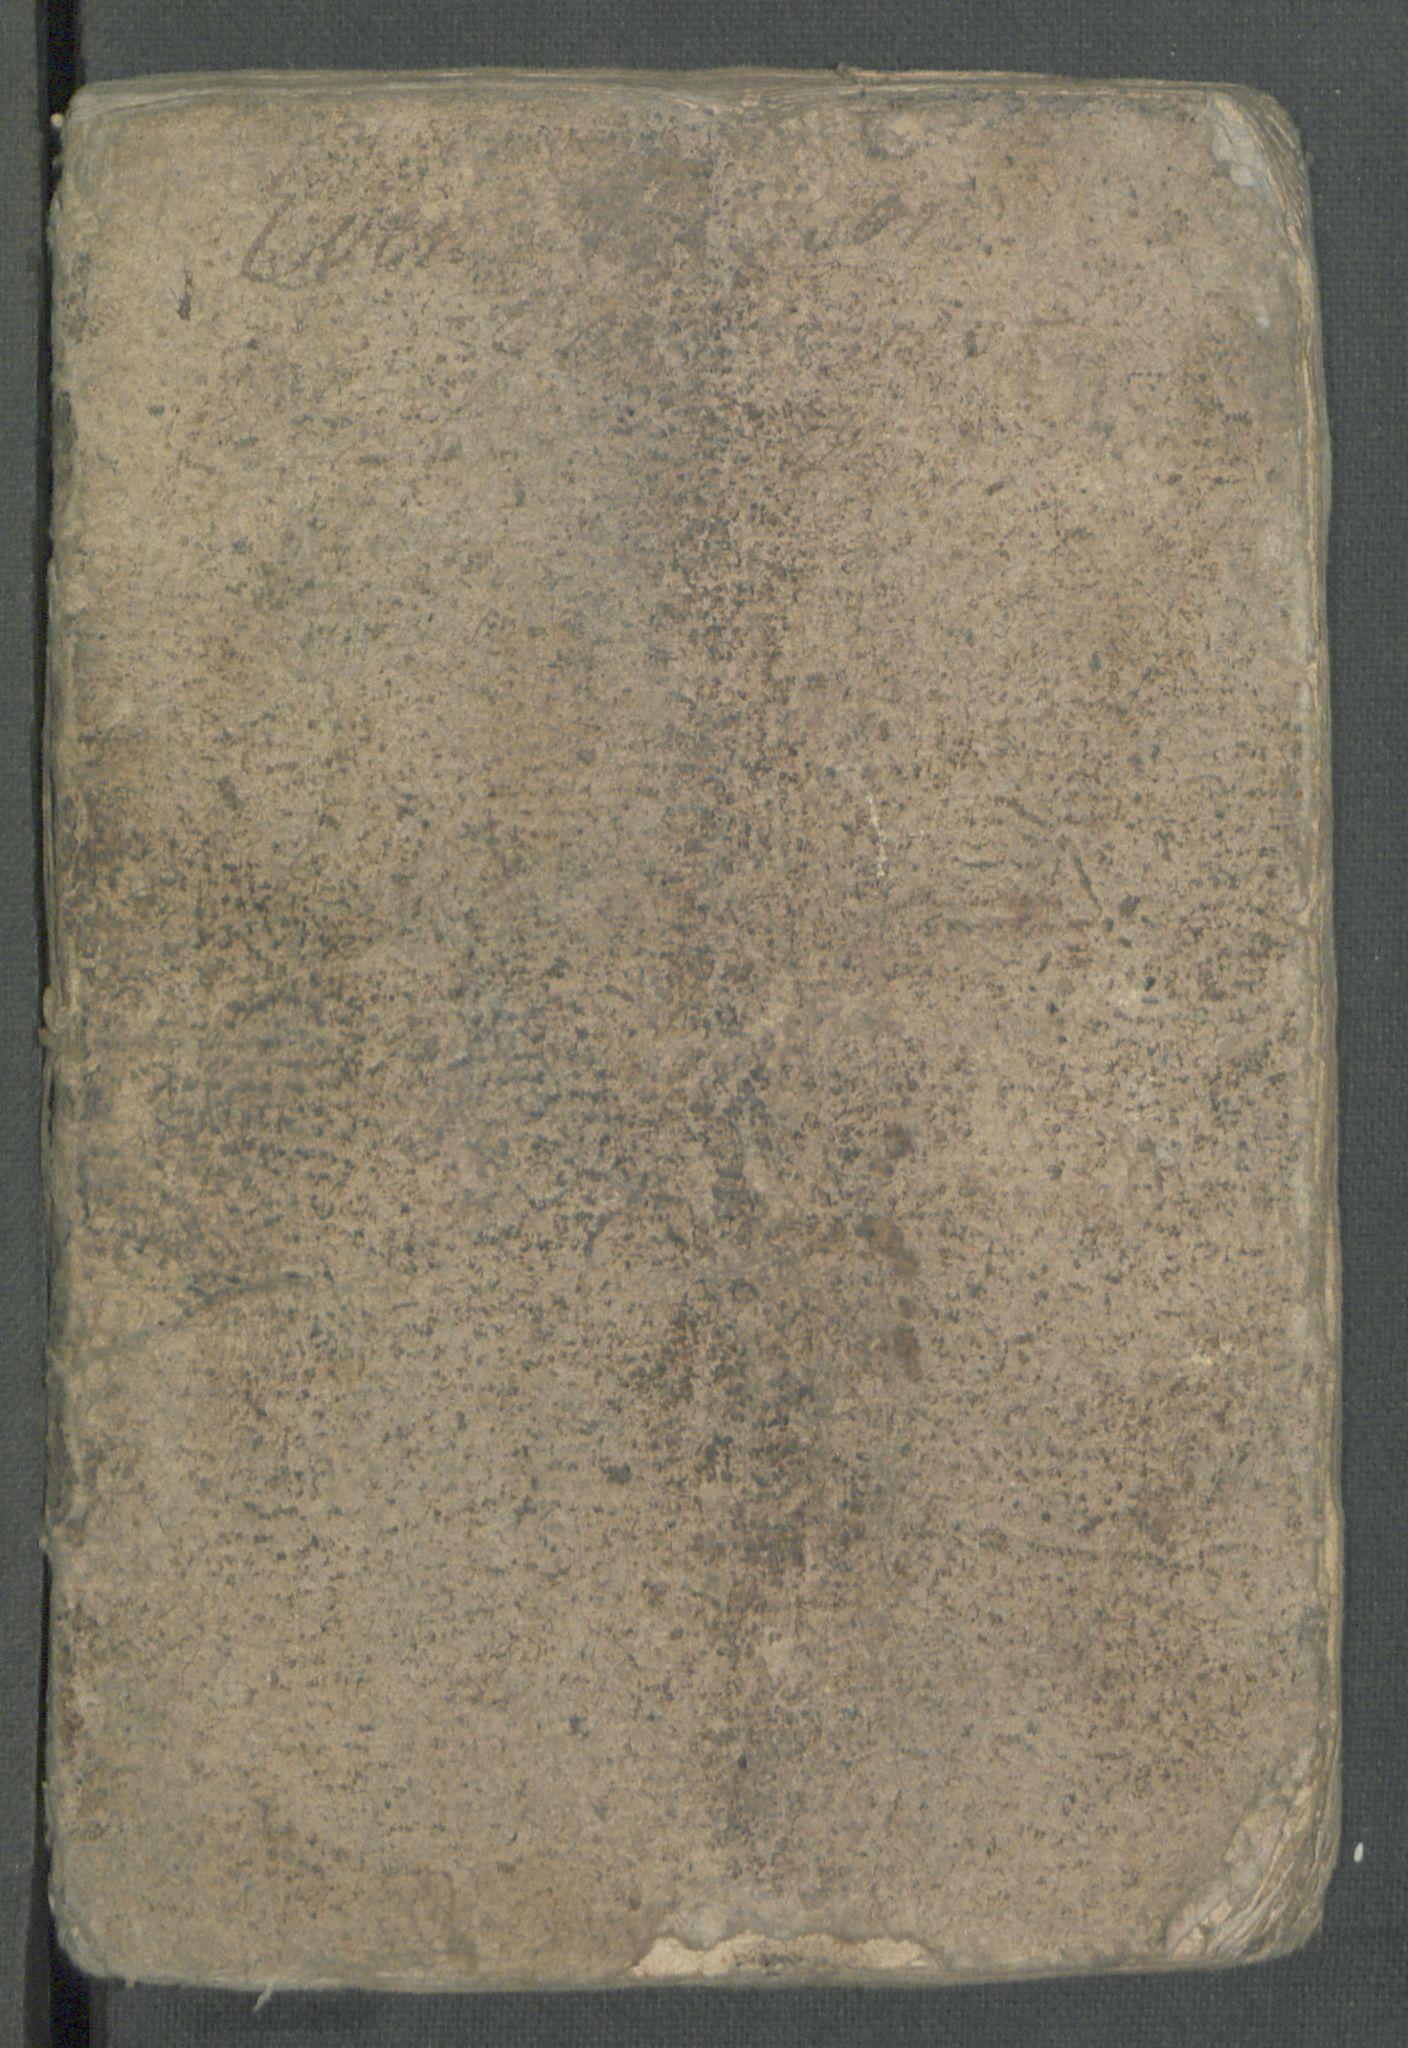 RA, Rentekammeret inntil 1814, Realistisk ordnet avdeling, Od/L0001: Oppløp, 1786-1769, s. 625